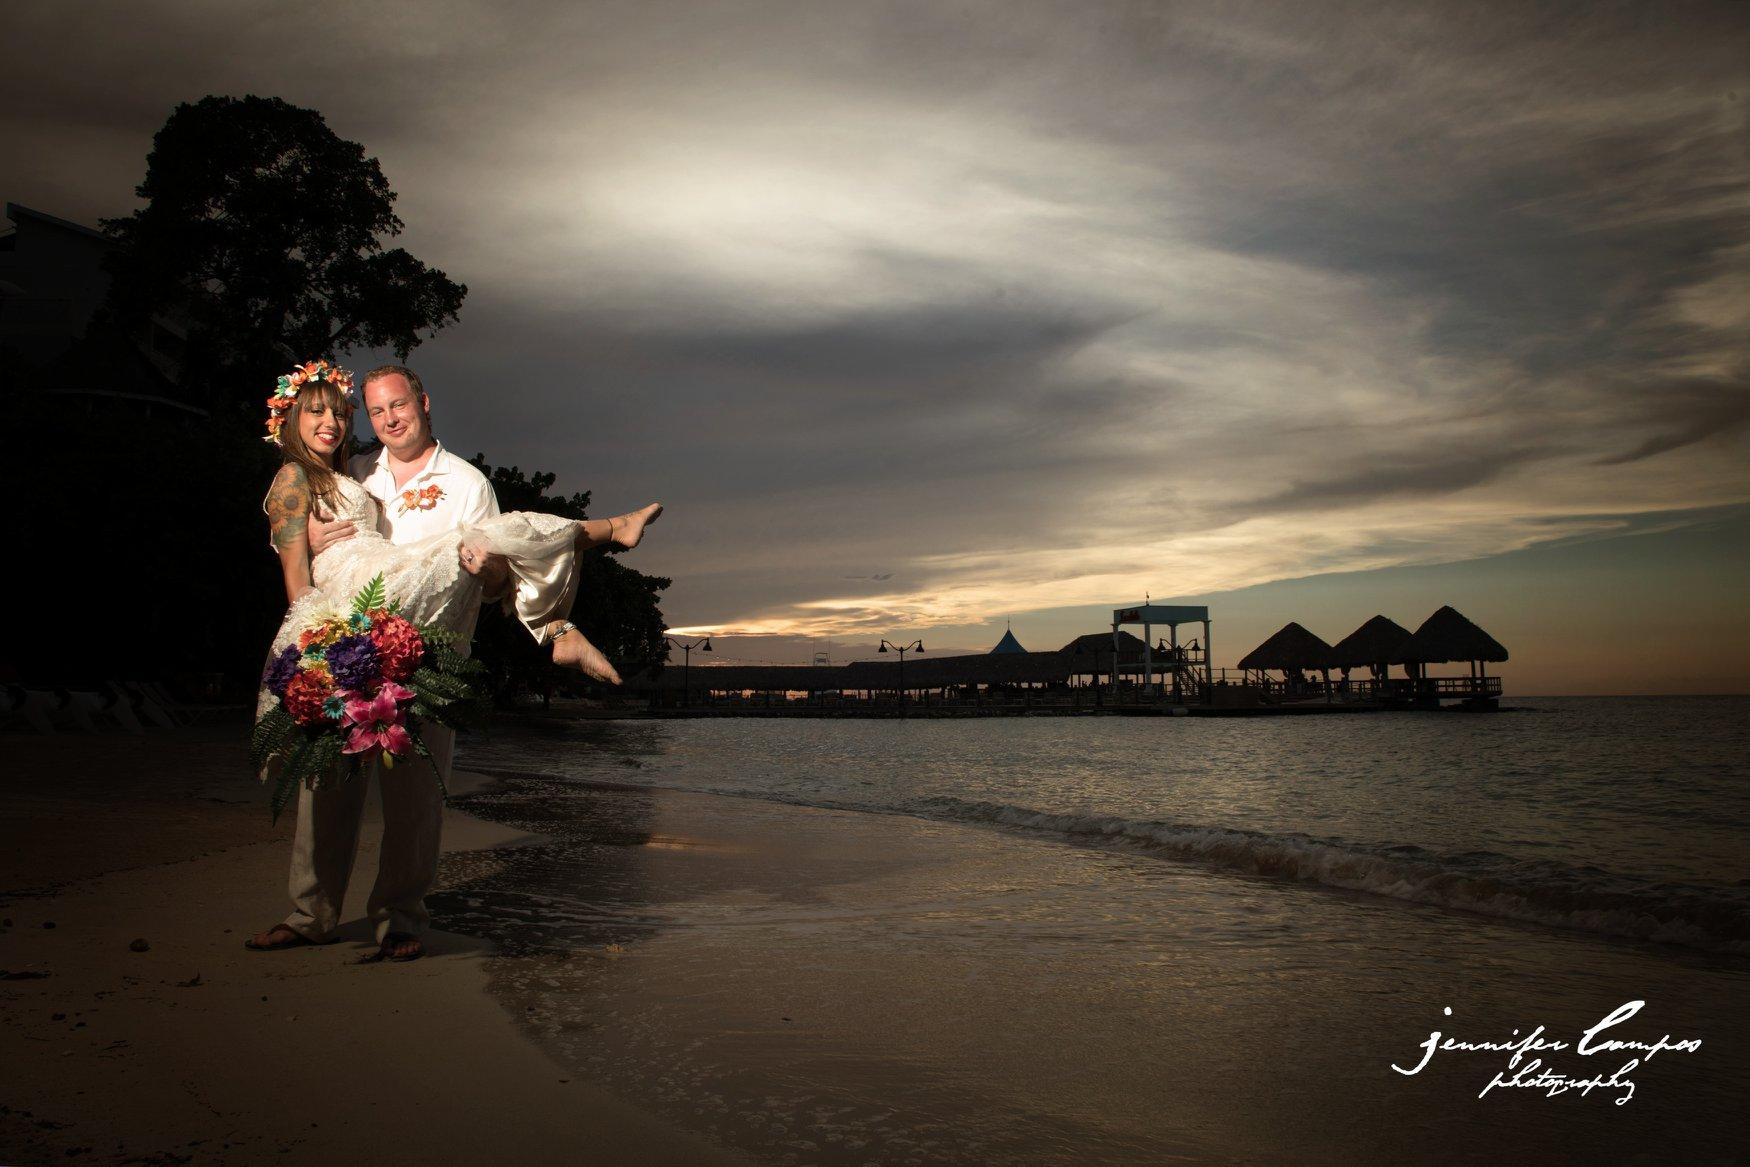 Jessica and Brian Gems | Sandals Ochi, Jamaica | September 18, 2018